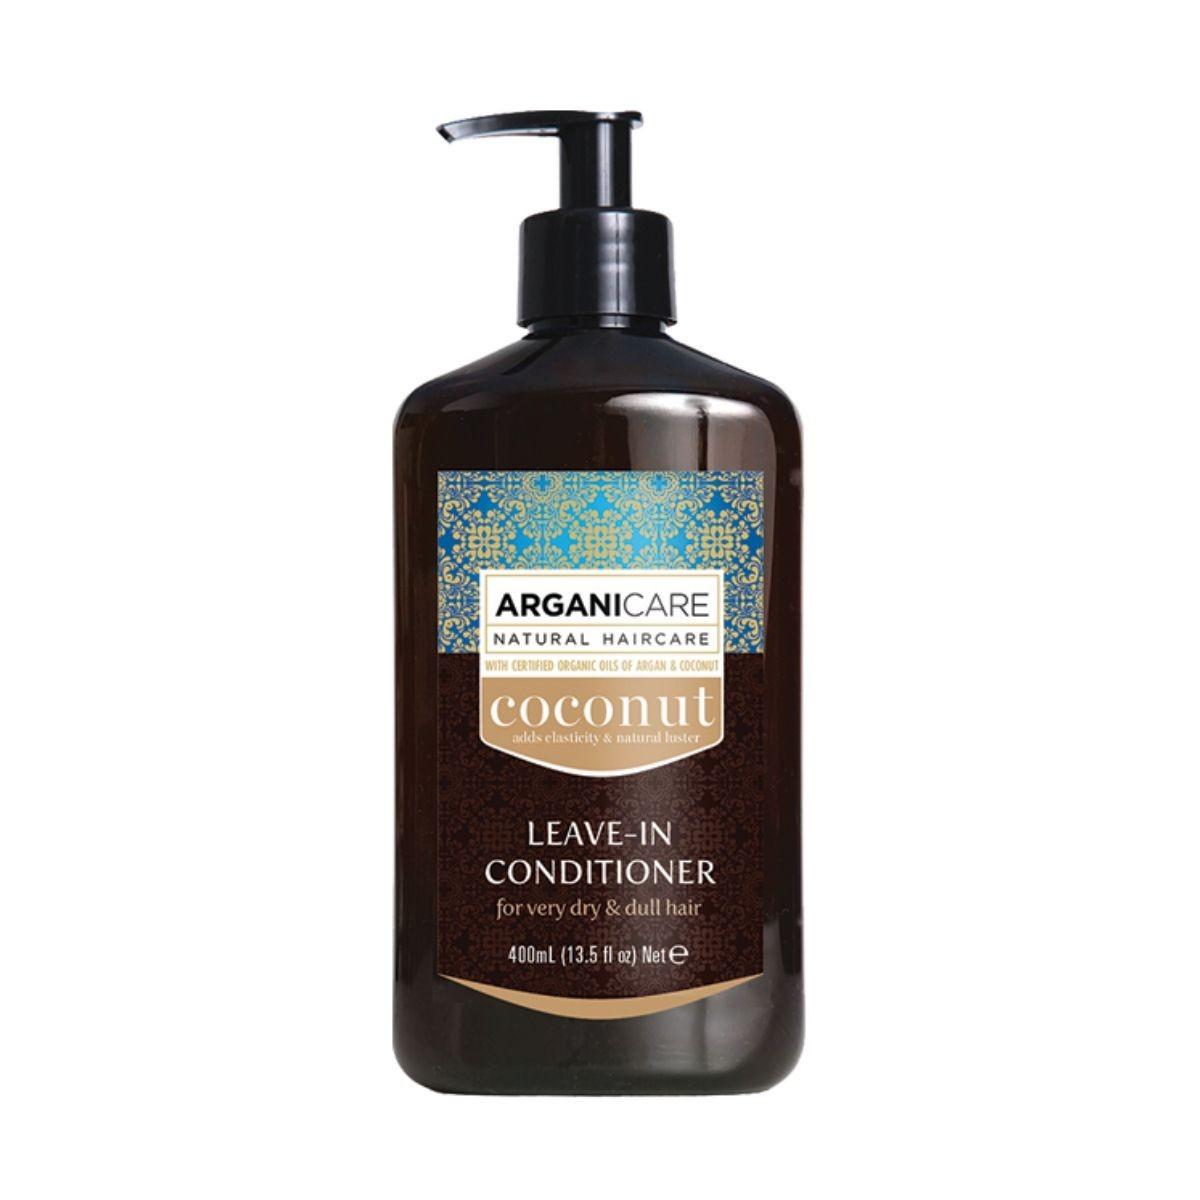 ARGANICARE Coconut Leave-in Conditioner 400ml - Odżywka bez spłukiwania do bardzo suchych i matowych włosów